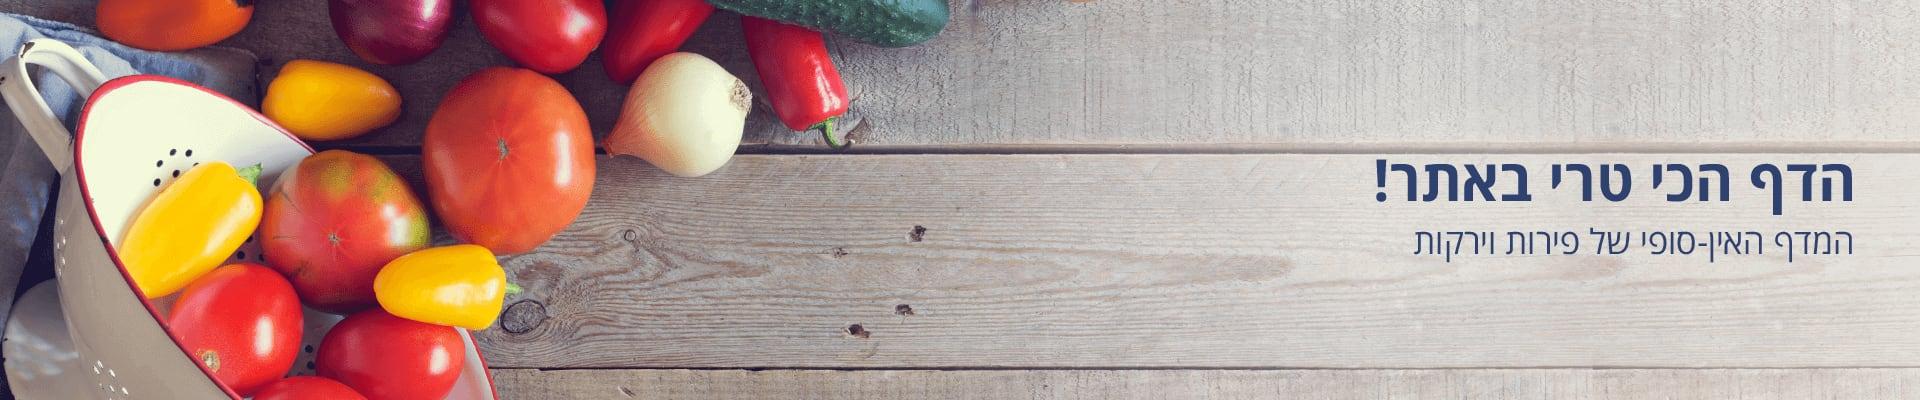 דף הכניסה למחלקת הפירות והירקות